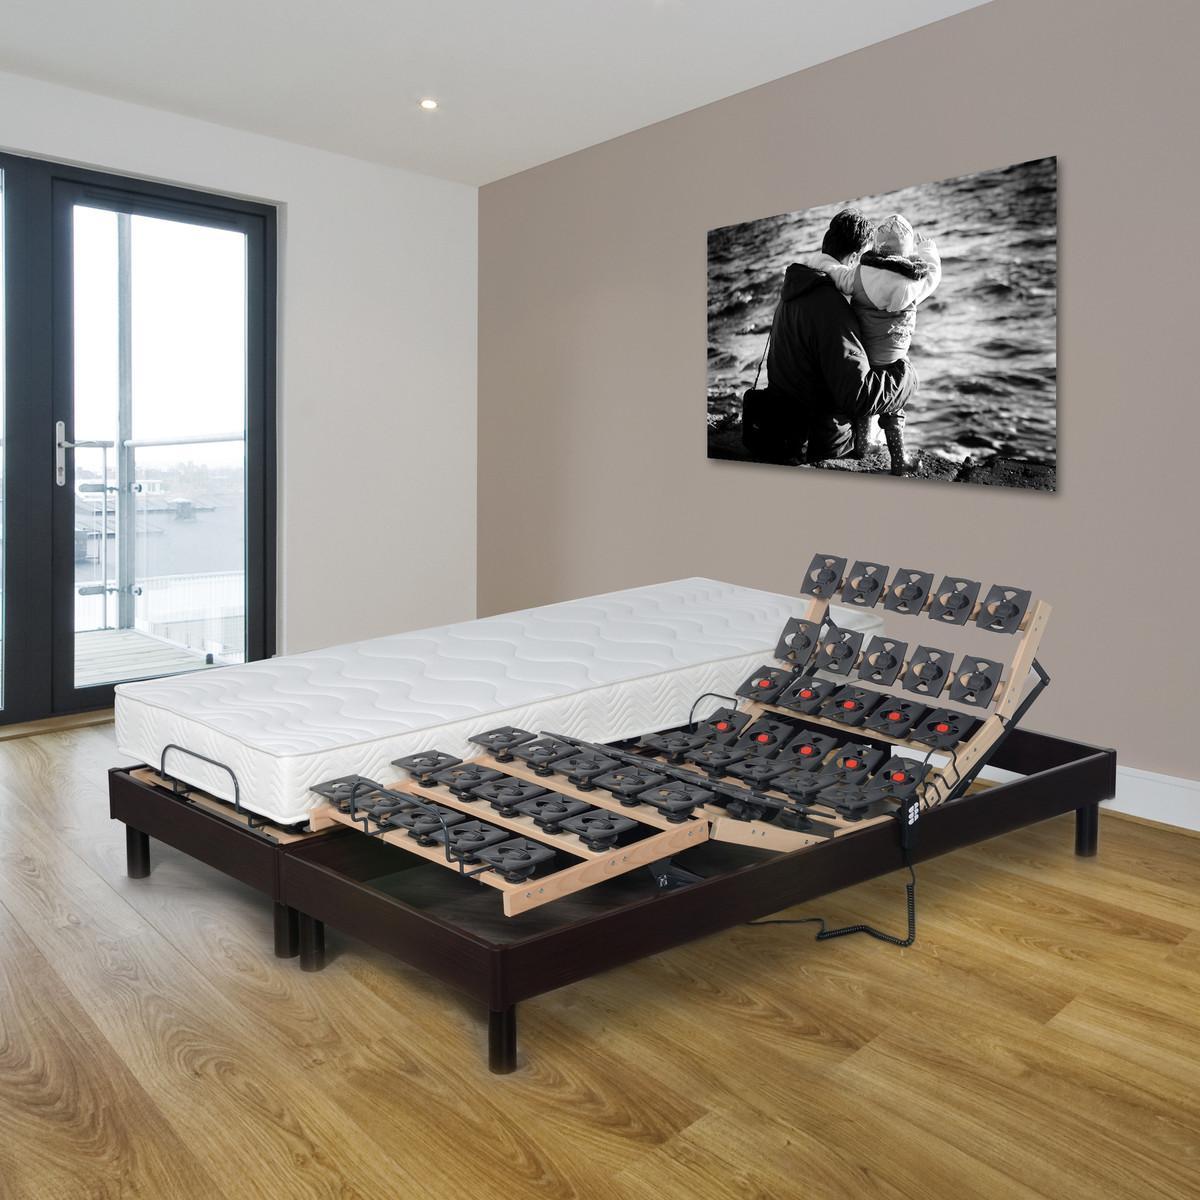 ensemble lit relaxation 160x200 m moire de forme 55kg m3 prestige collection dorsoflex. Black Bedroom Furniture Sets. Home Design Ideas